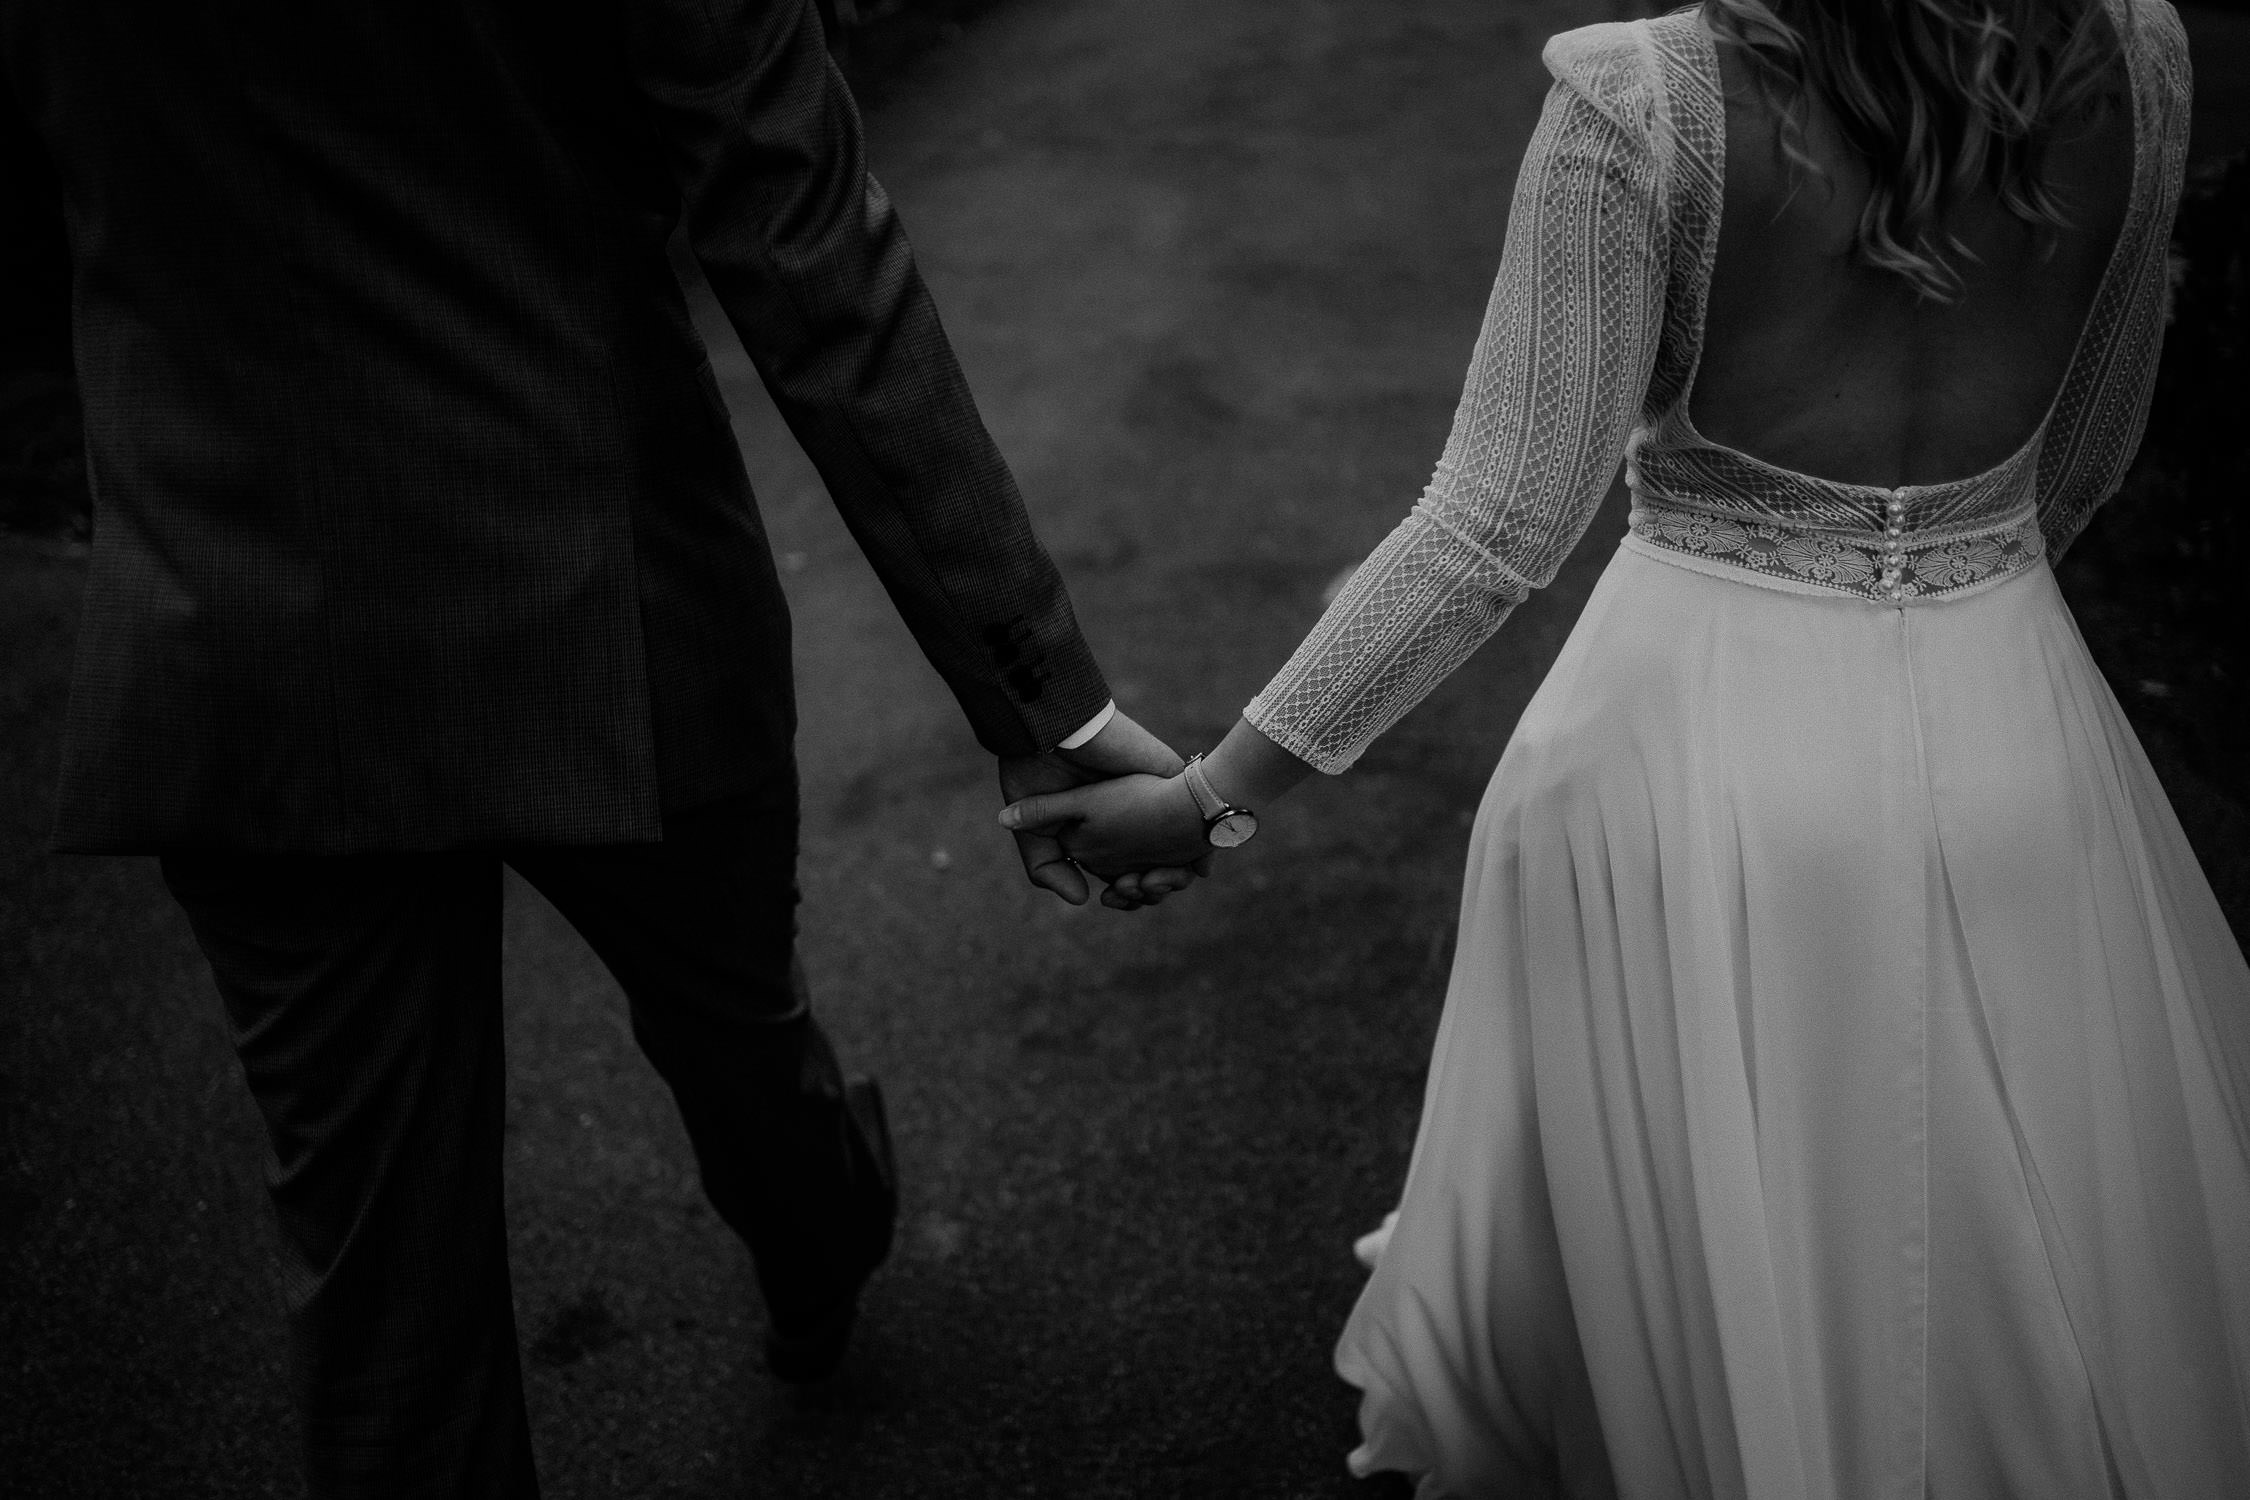 Portrait des Brautpaares in Schwarz Weiß. Fotografiert von Hochzeitsfotograf Axel Link